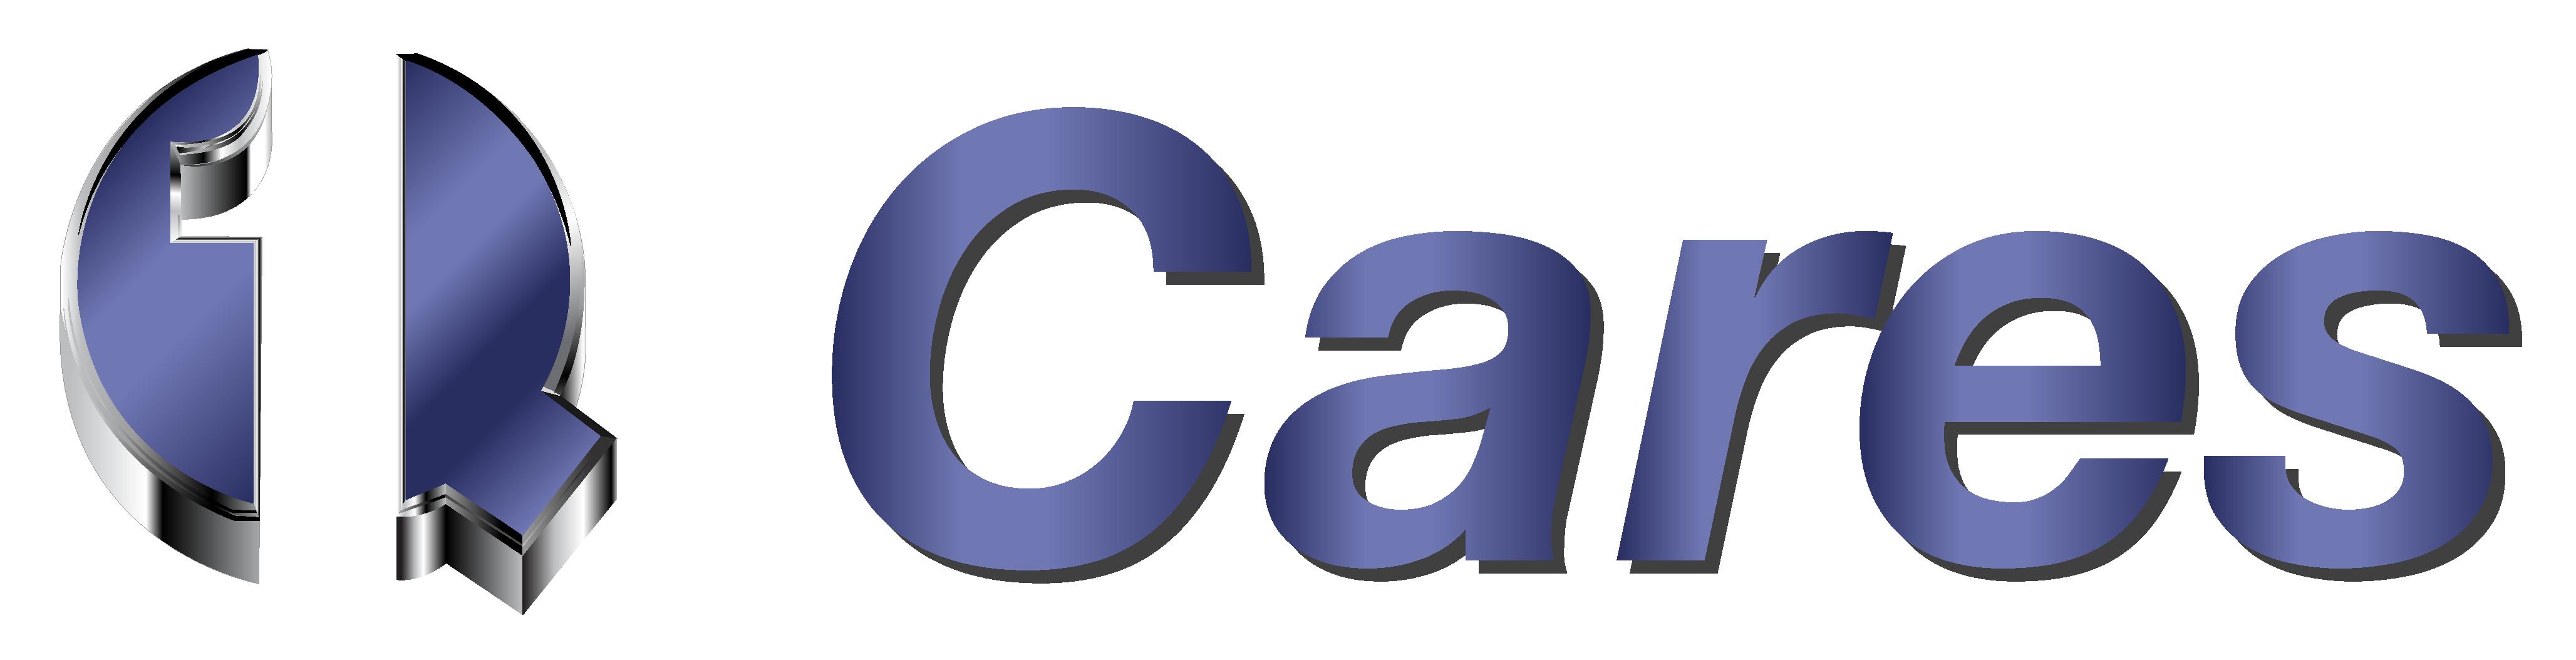 Q1-cares-01